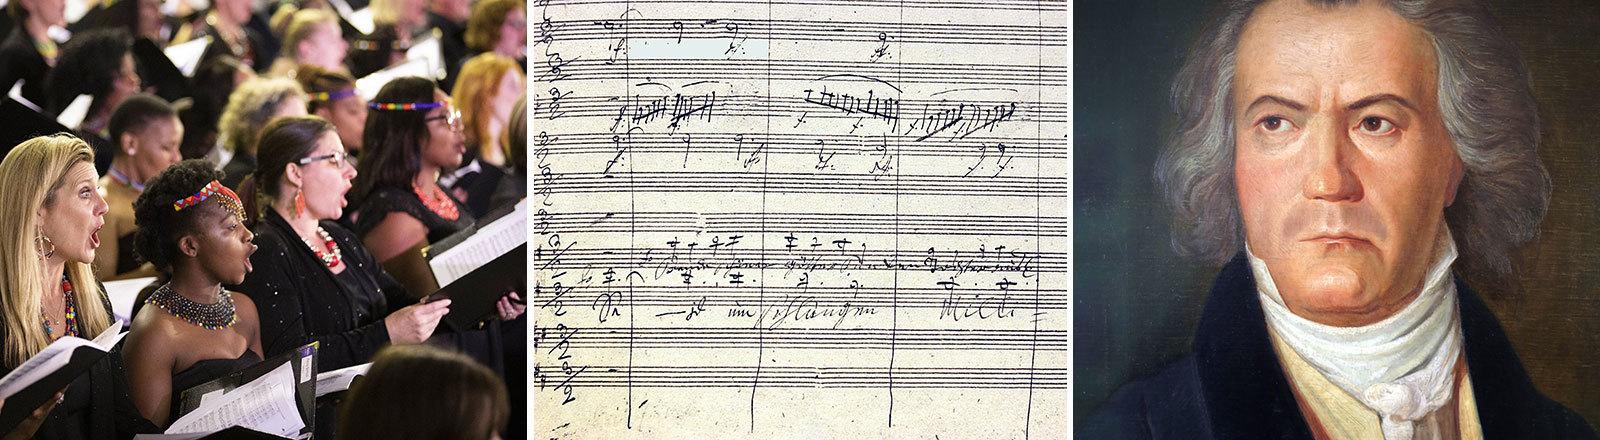 Ein Chor singt Beethovens 9. Sinfonie